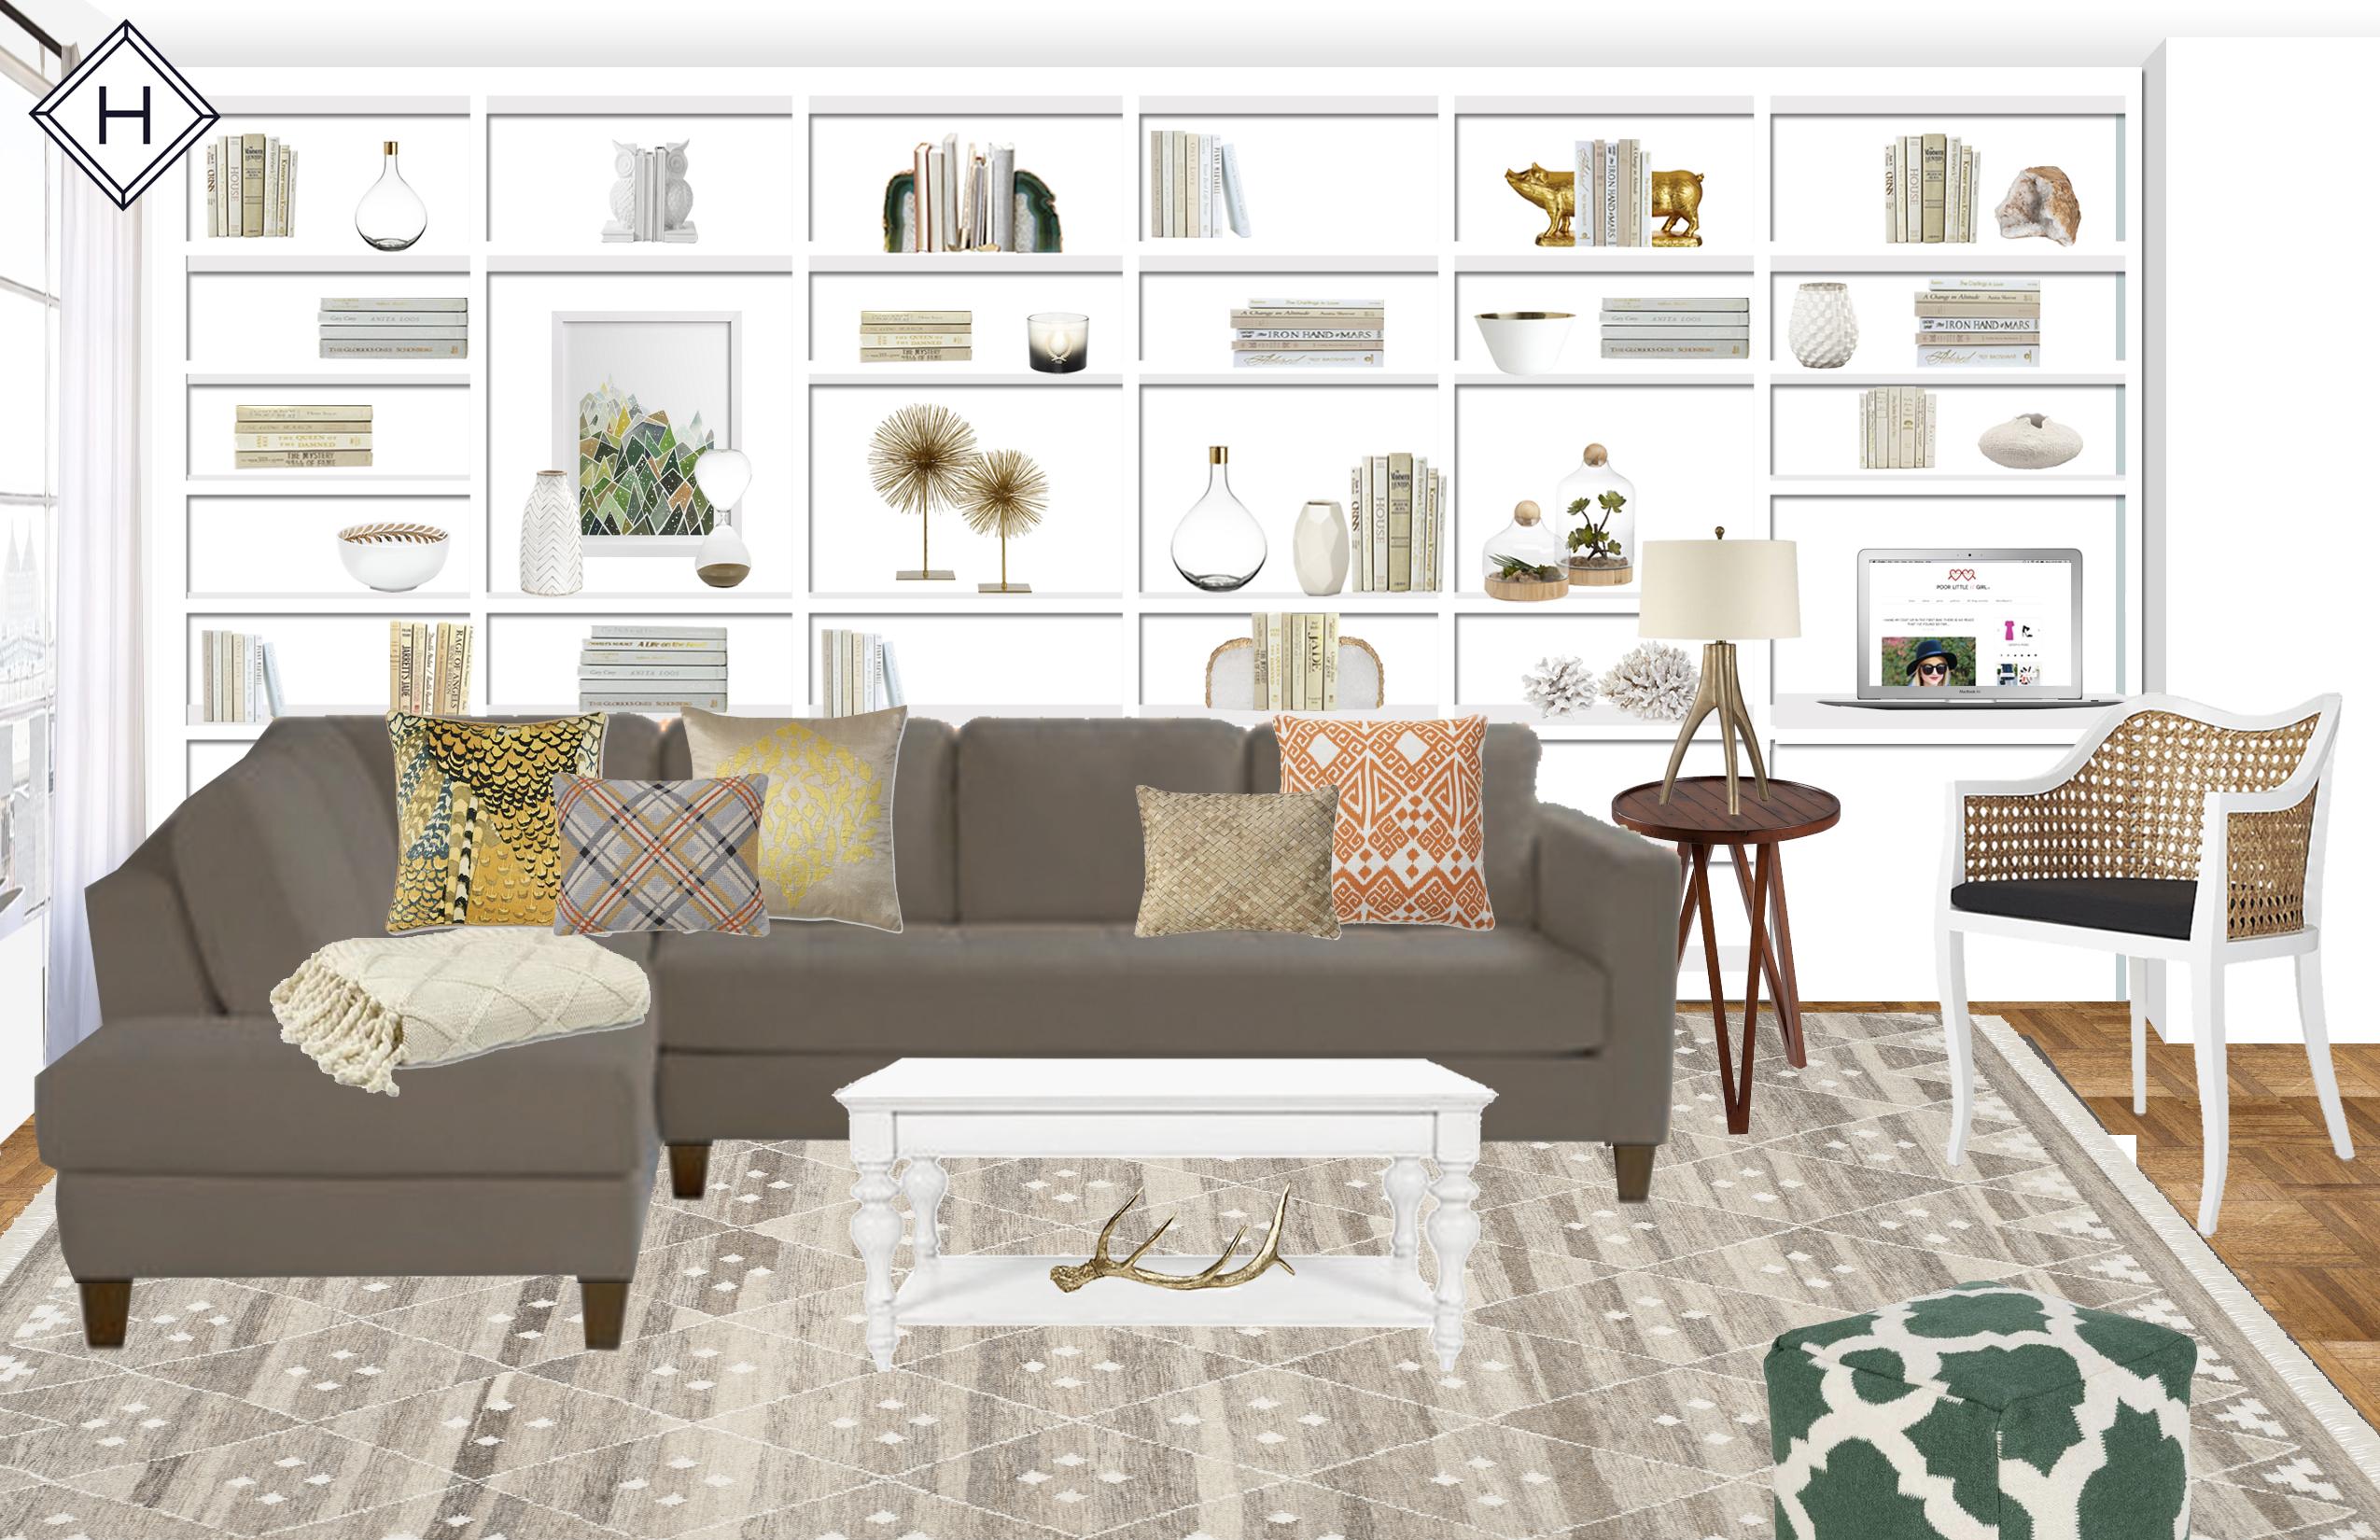 Havenly virtual interior design rendering